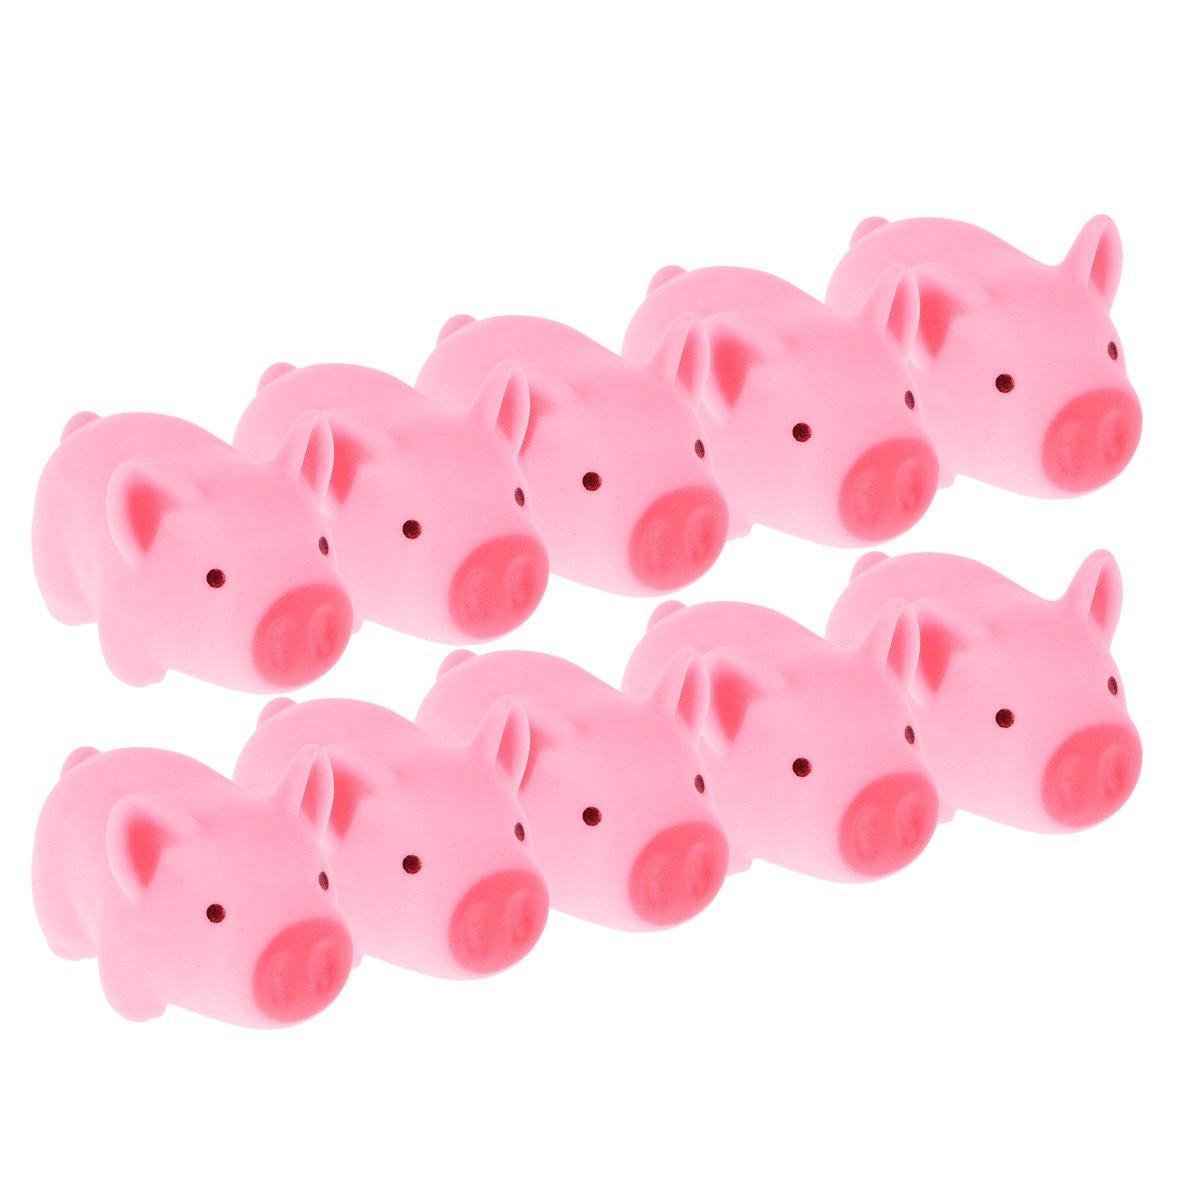 YeahiBaby Soft Rubber Sound Baby Badewasser Spielen niedlich rosa Schwein Spielzeug Baby Shower Dolls (12 Stück, kleine Schweine)